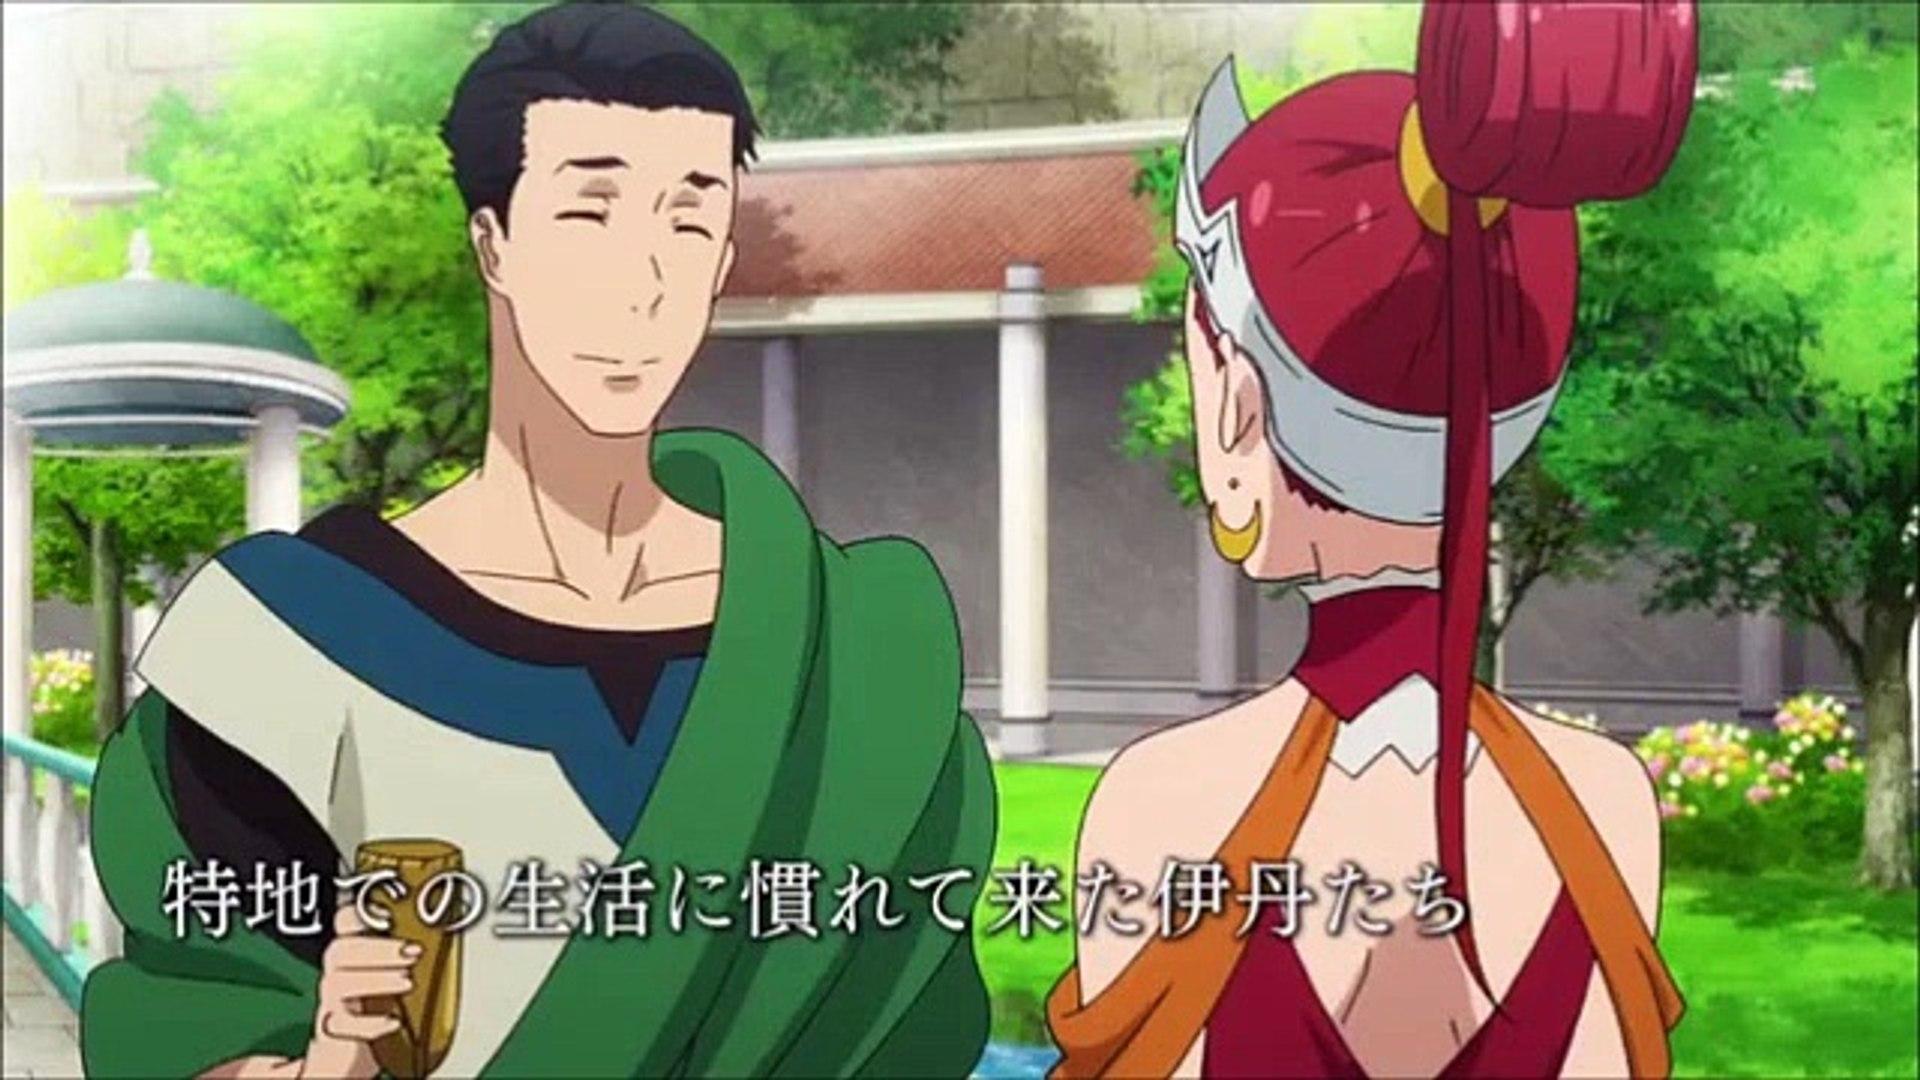 Shouwa Genroku Rakugo Shinjuu Episode 1 Video Dailymotion